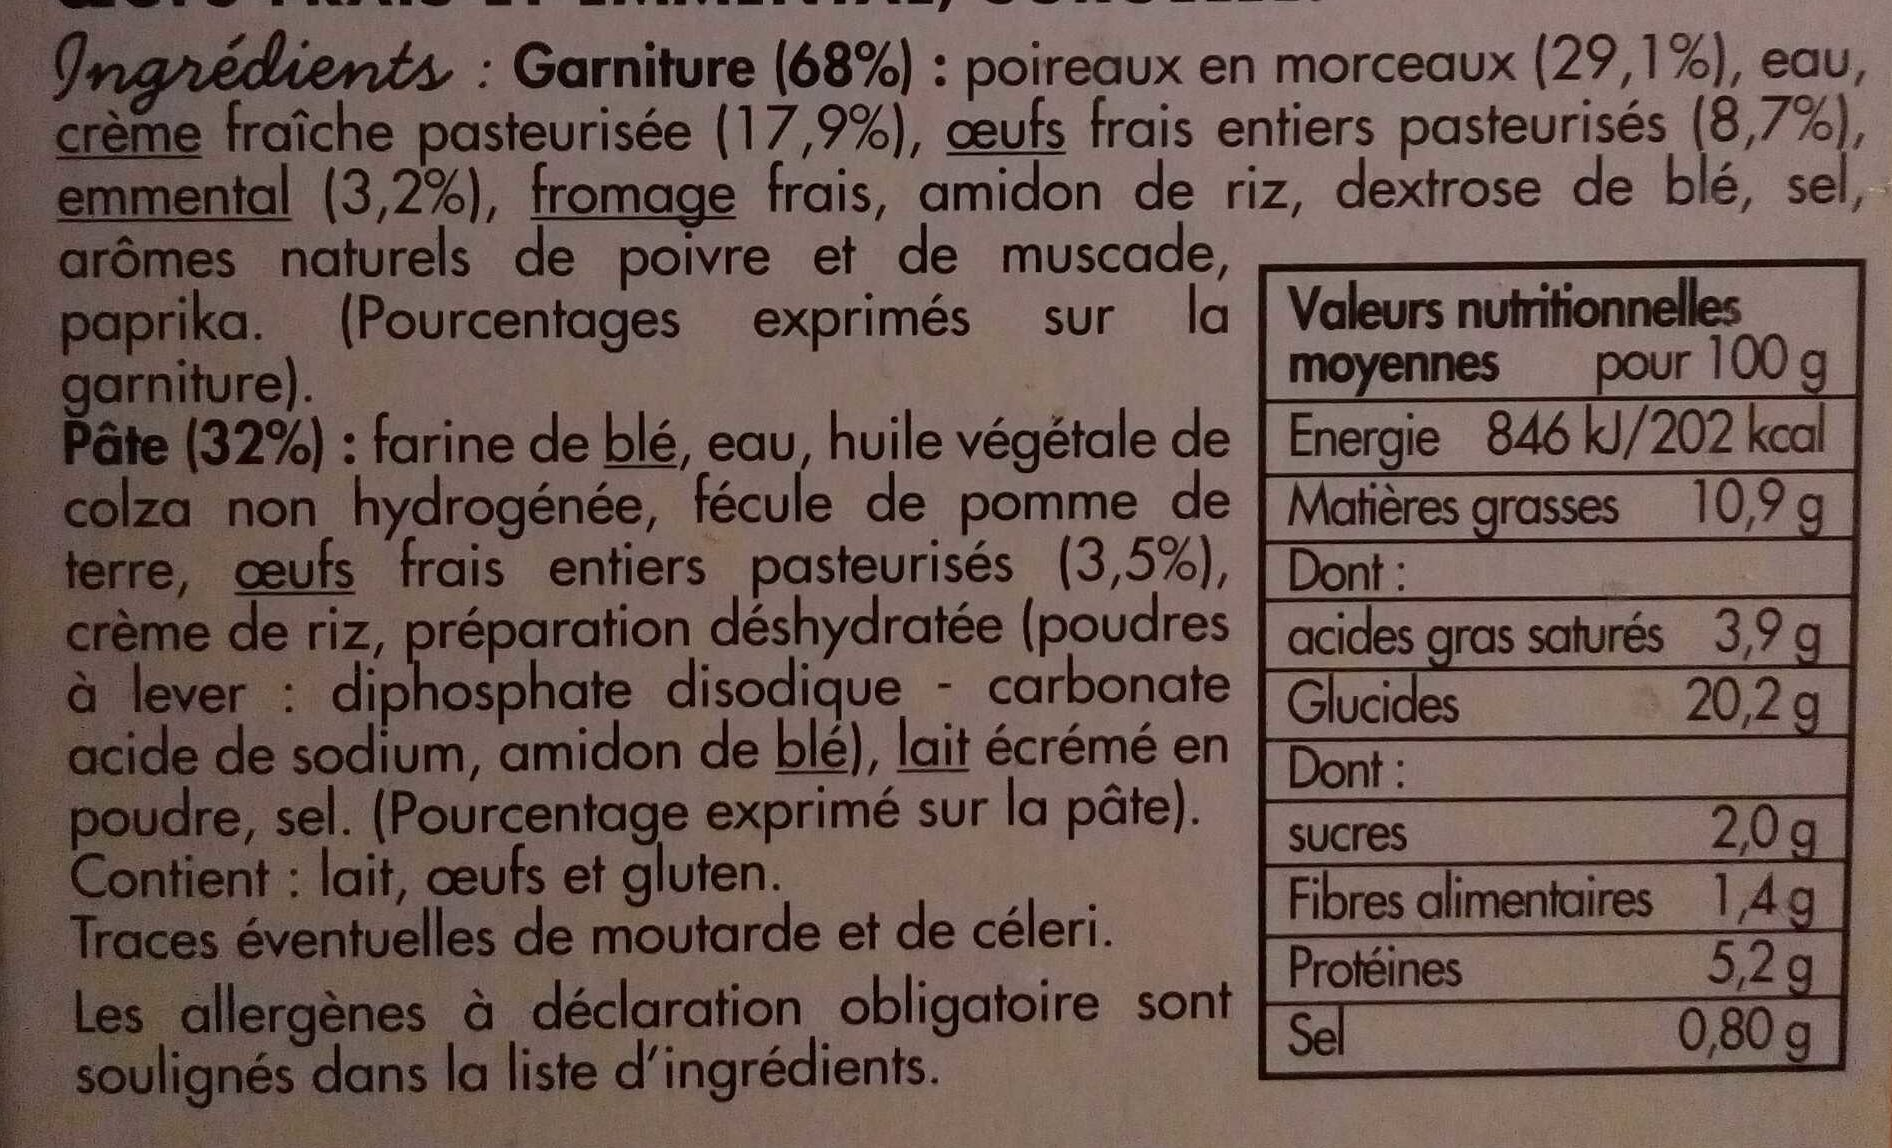 Tarte aux poireaux - Ingrediënten